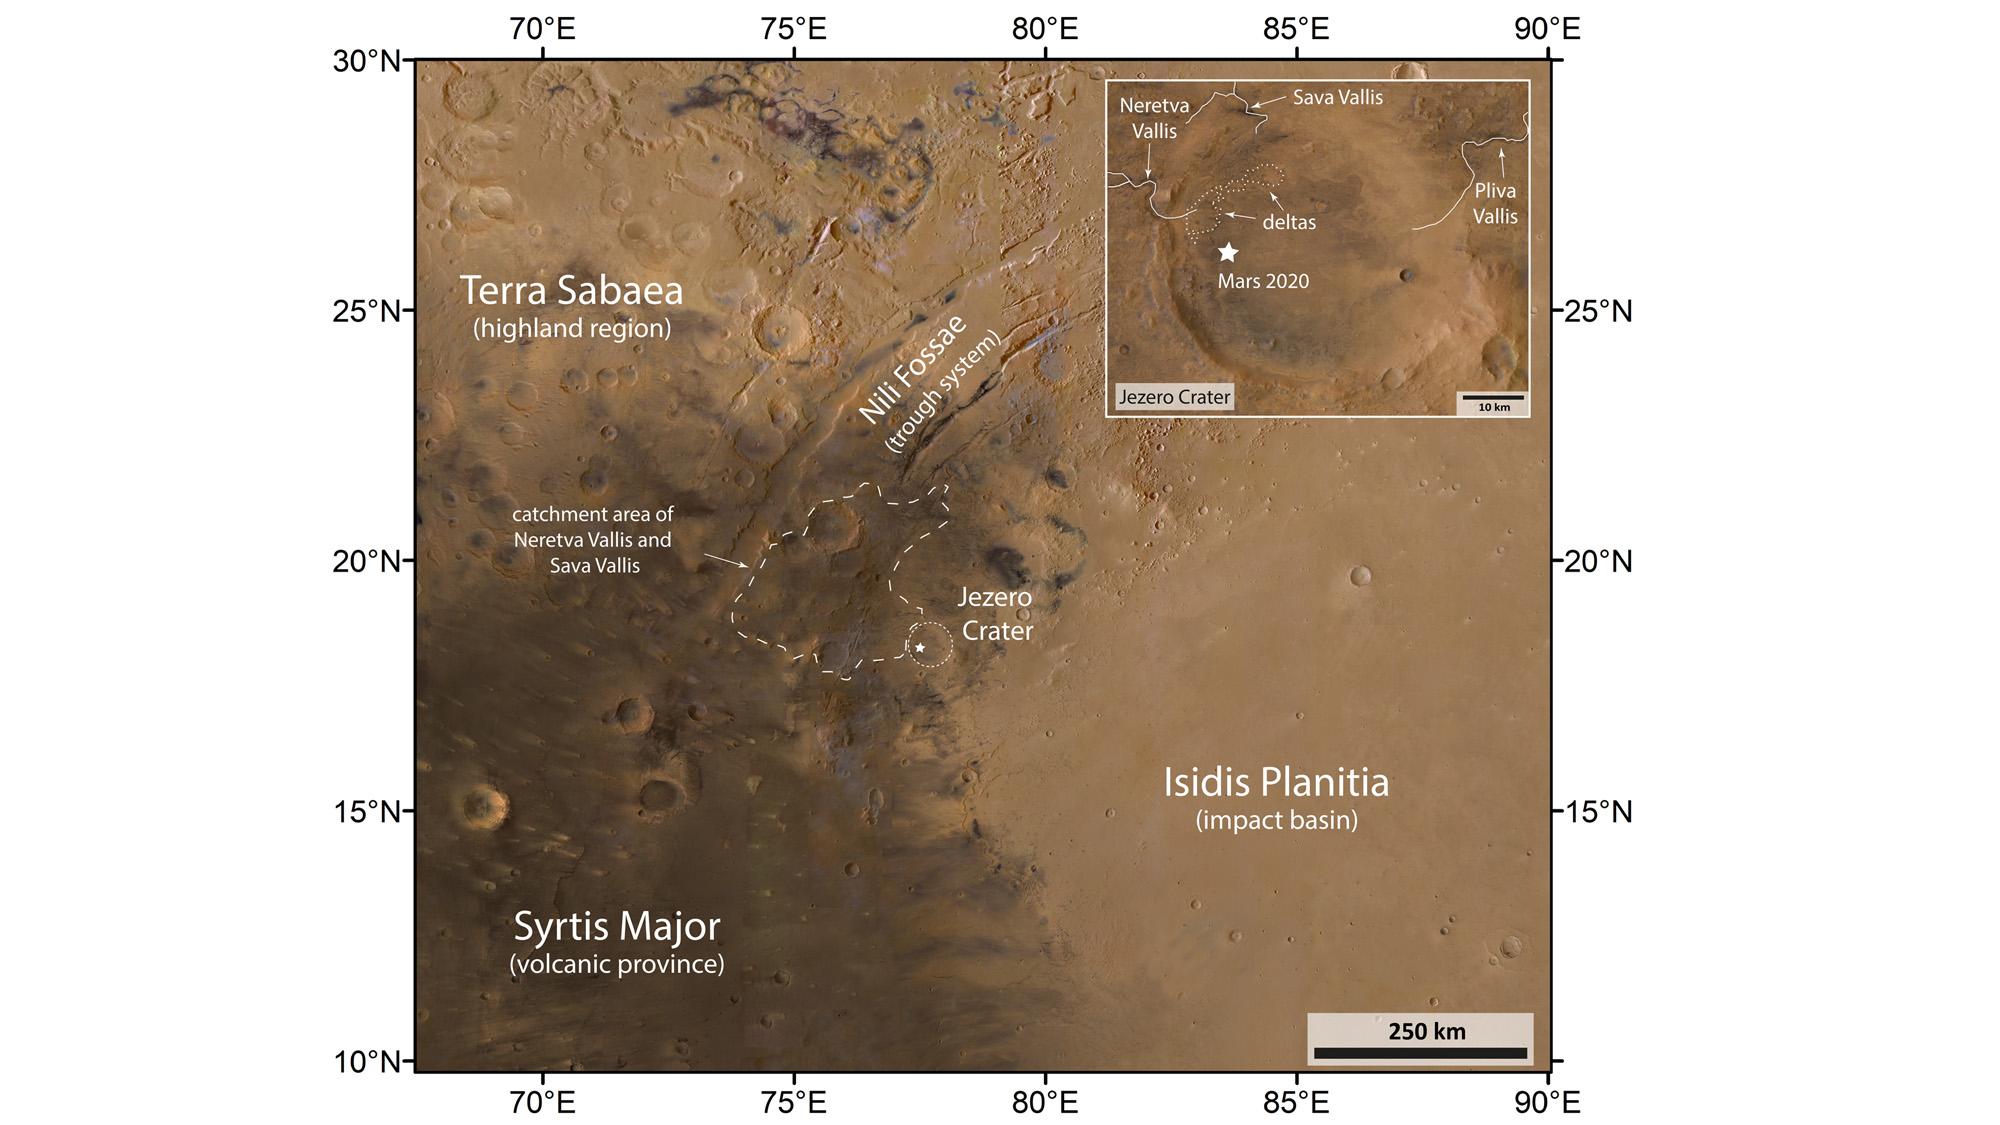 Cette carte annotée du cratère Jezero sur Mars a été créée à partir des canaux rouge, vert et bleu de la caméra stéréo haute résolution sur Mars Express de l'ESA, combinés avec des données haute résolution de son canal nadir, qui est dirigé perpendiculairement à la surface de Mars.